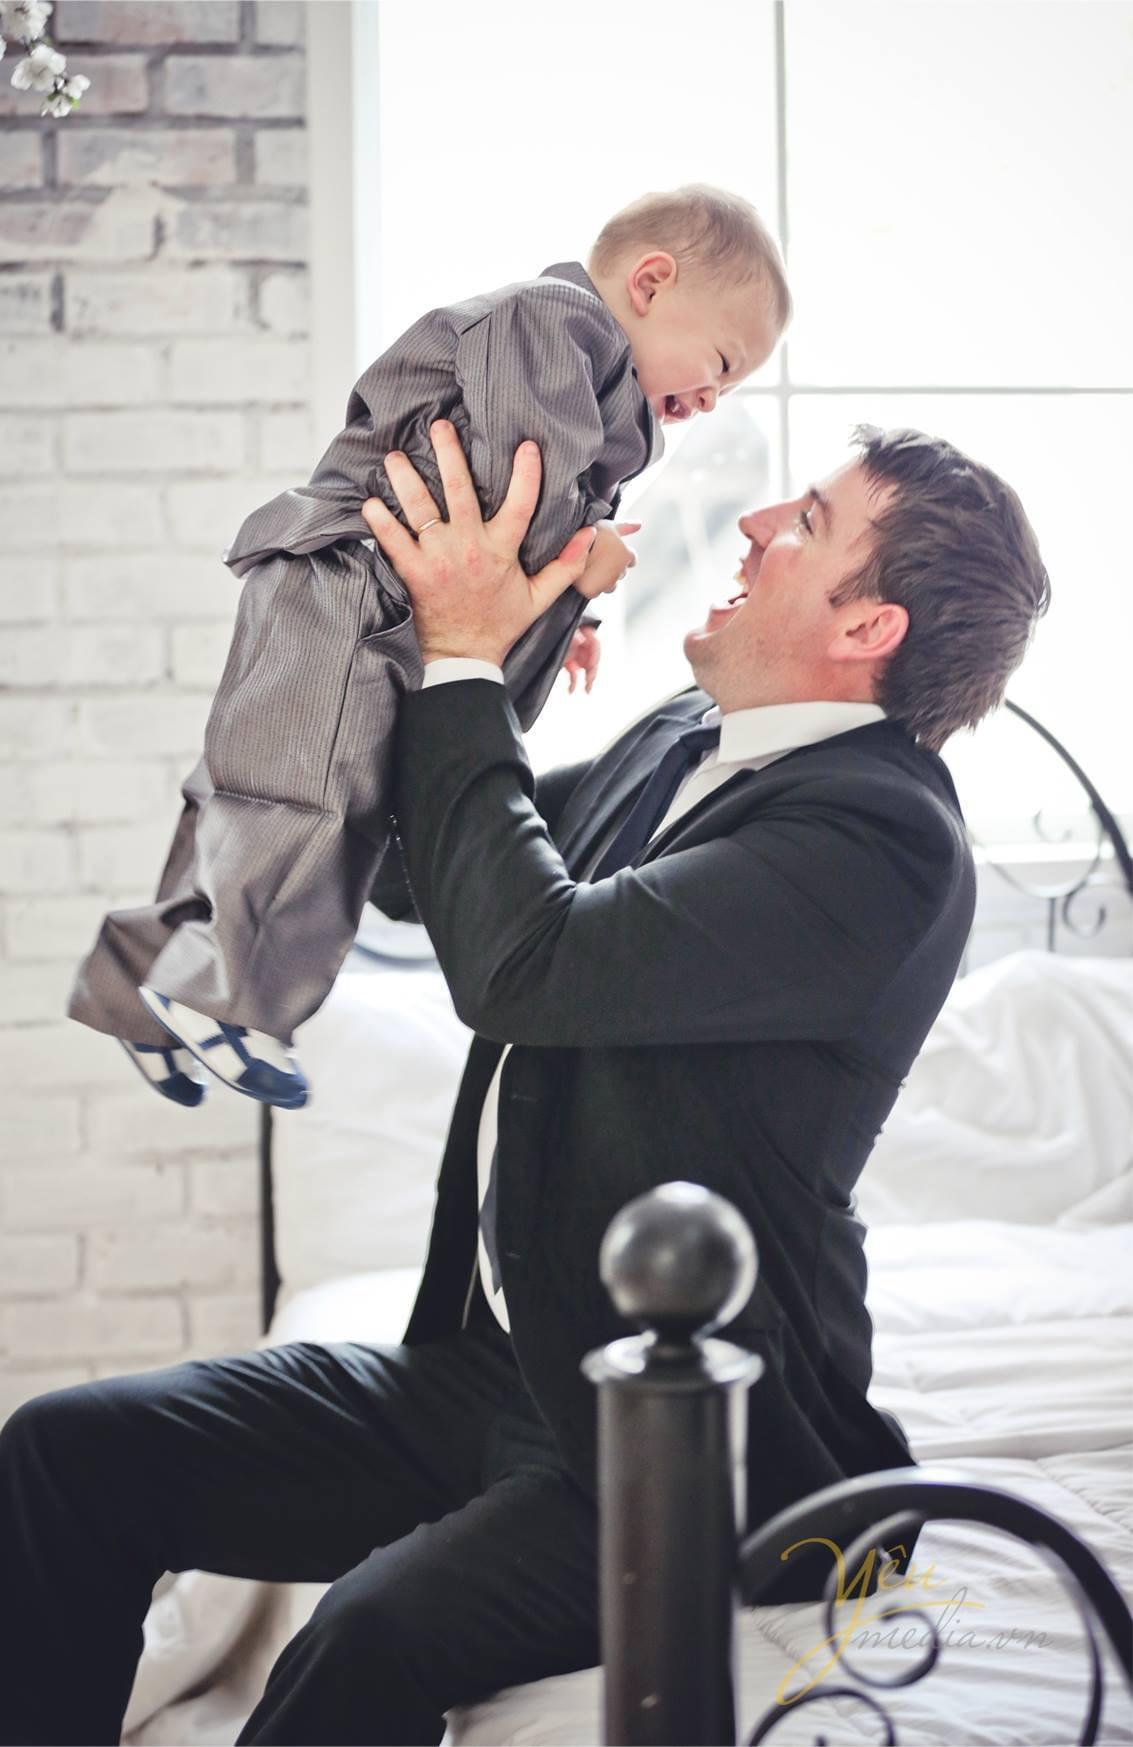 chụp ảnh bố bế em bé vui cười kỷ niệm sinh nhật